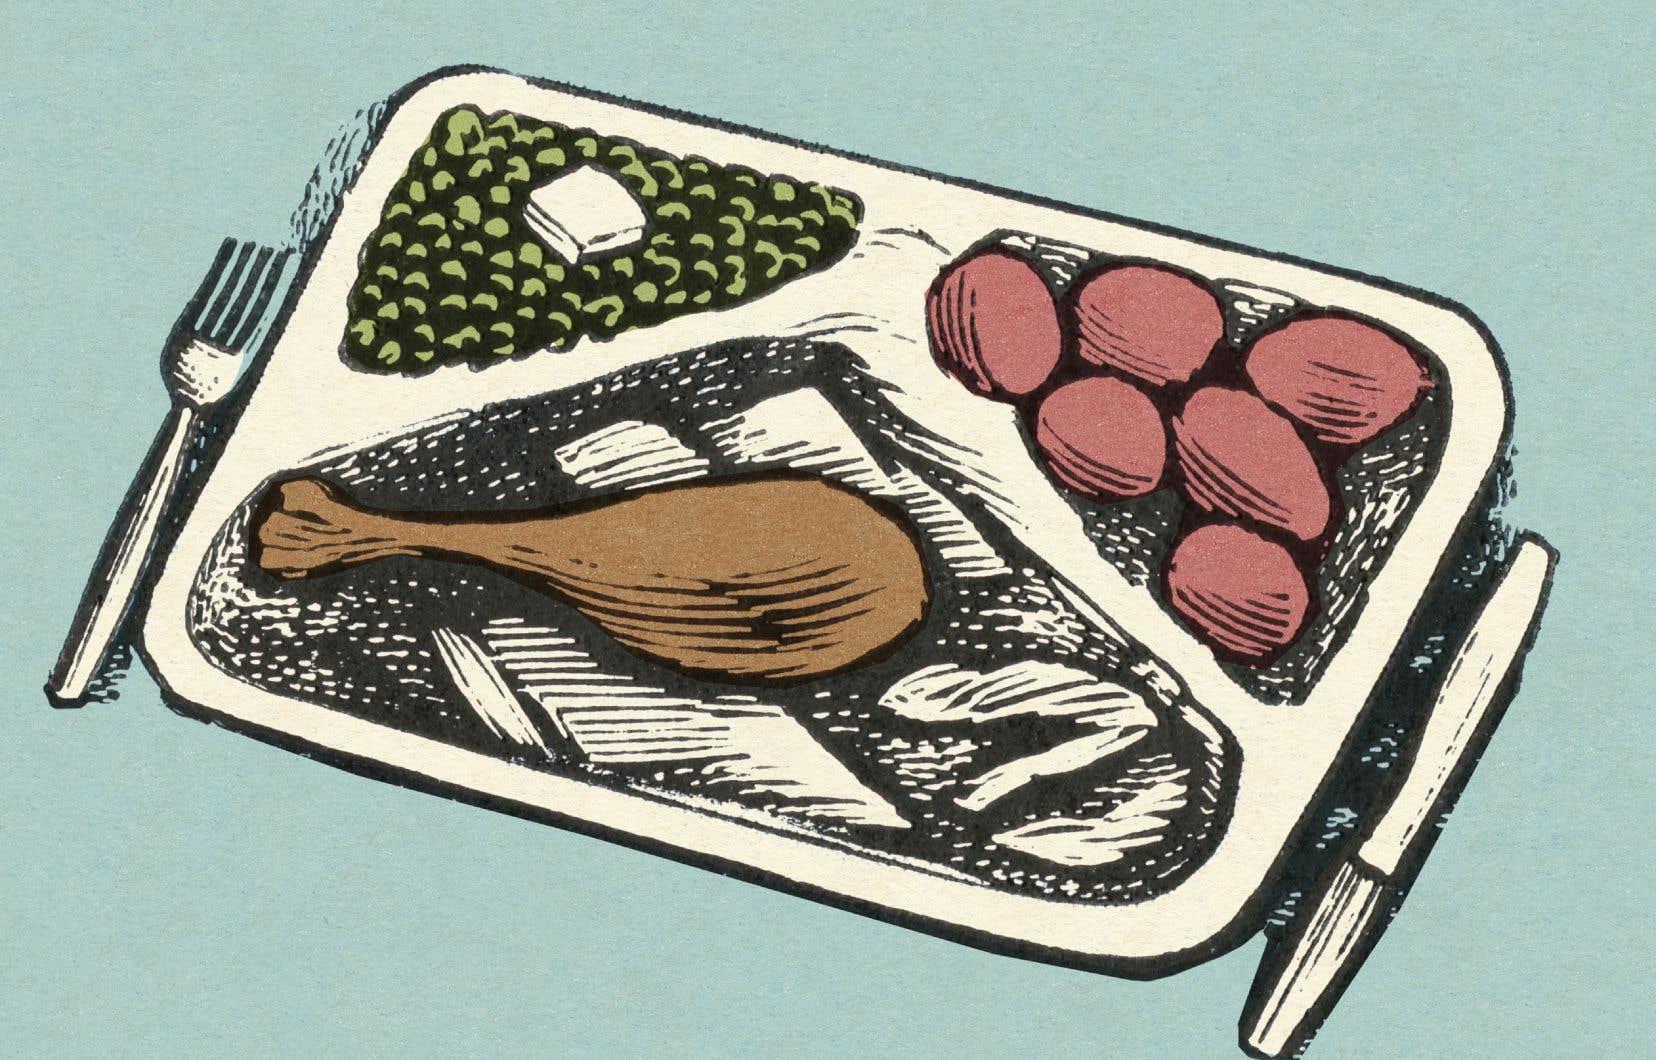 La littératie alimentaire «nous guide dans nos achats alimentaires et nous permet notamment d'avoir un regard critique sur la provenance des aliments et l'omniprésence des aliments transformés».